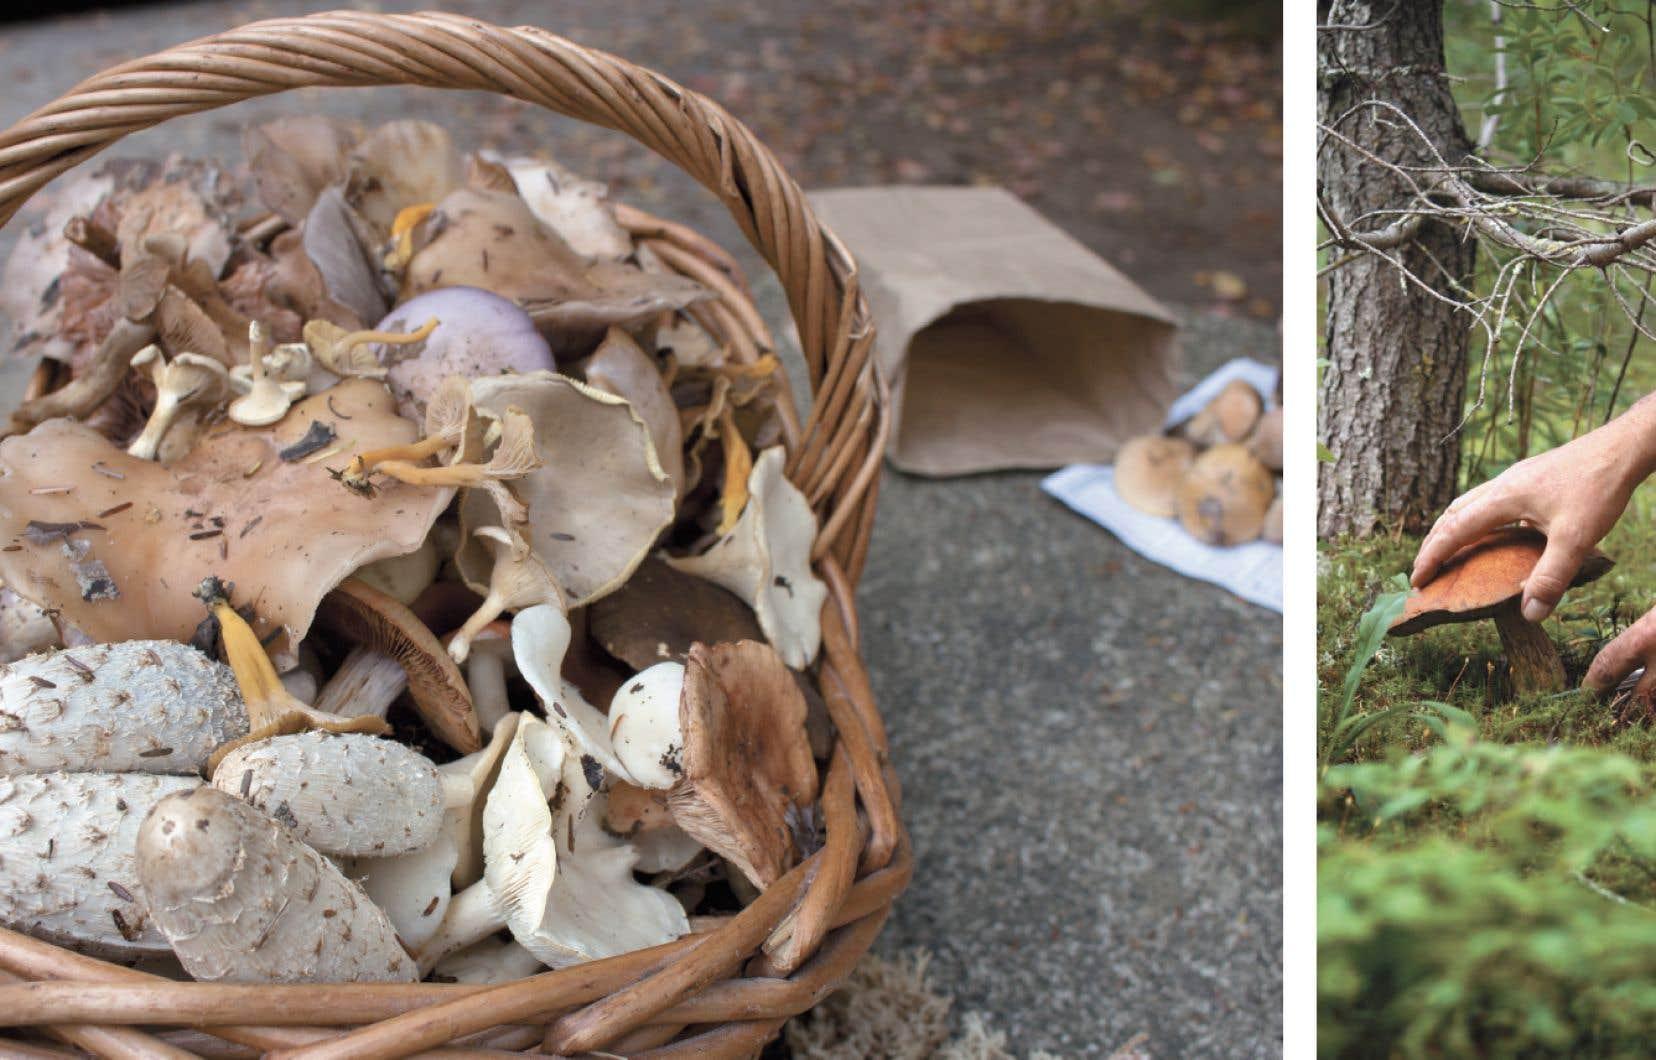 La Mycoboutique organise des sorties en forêt pour apprendre à reconnaître les champignons avec des guides aguerris.